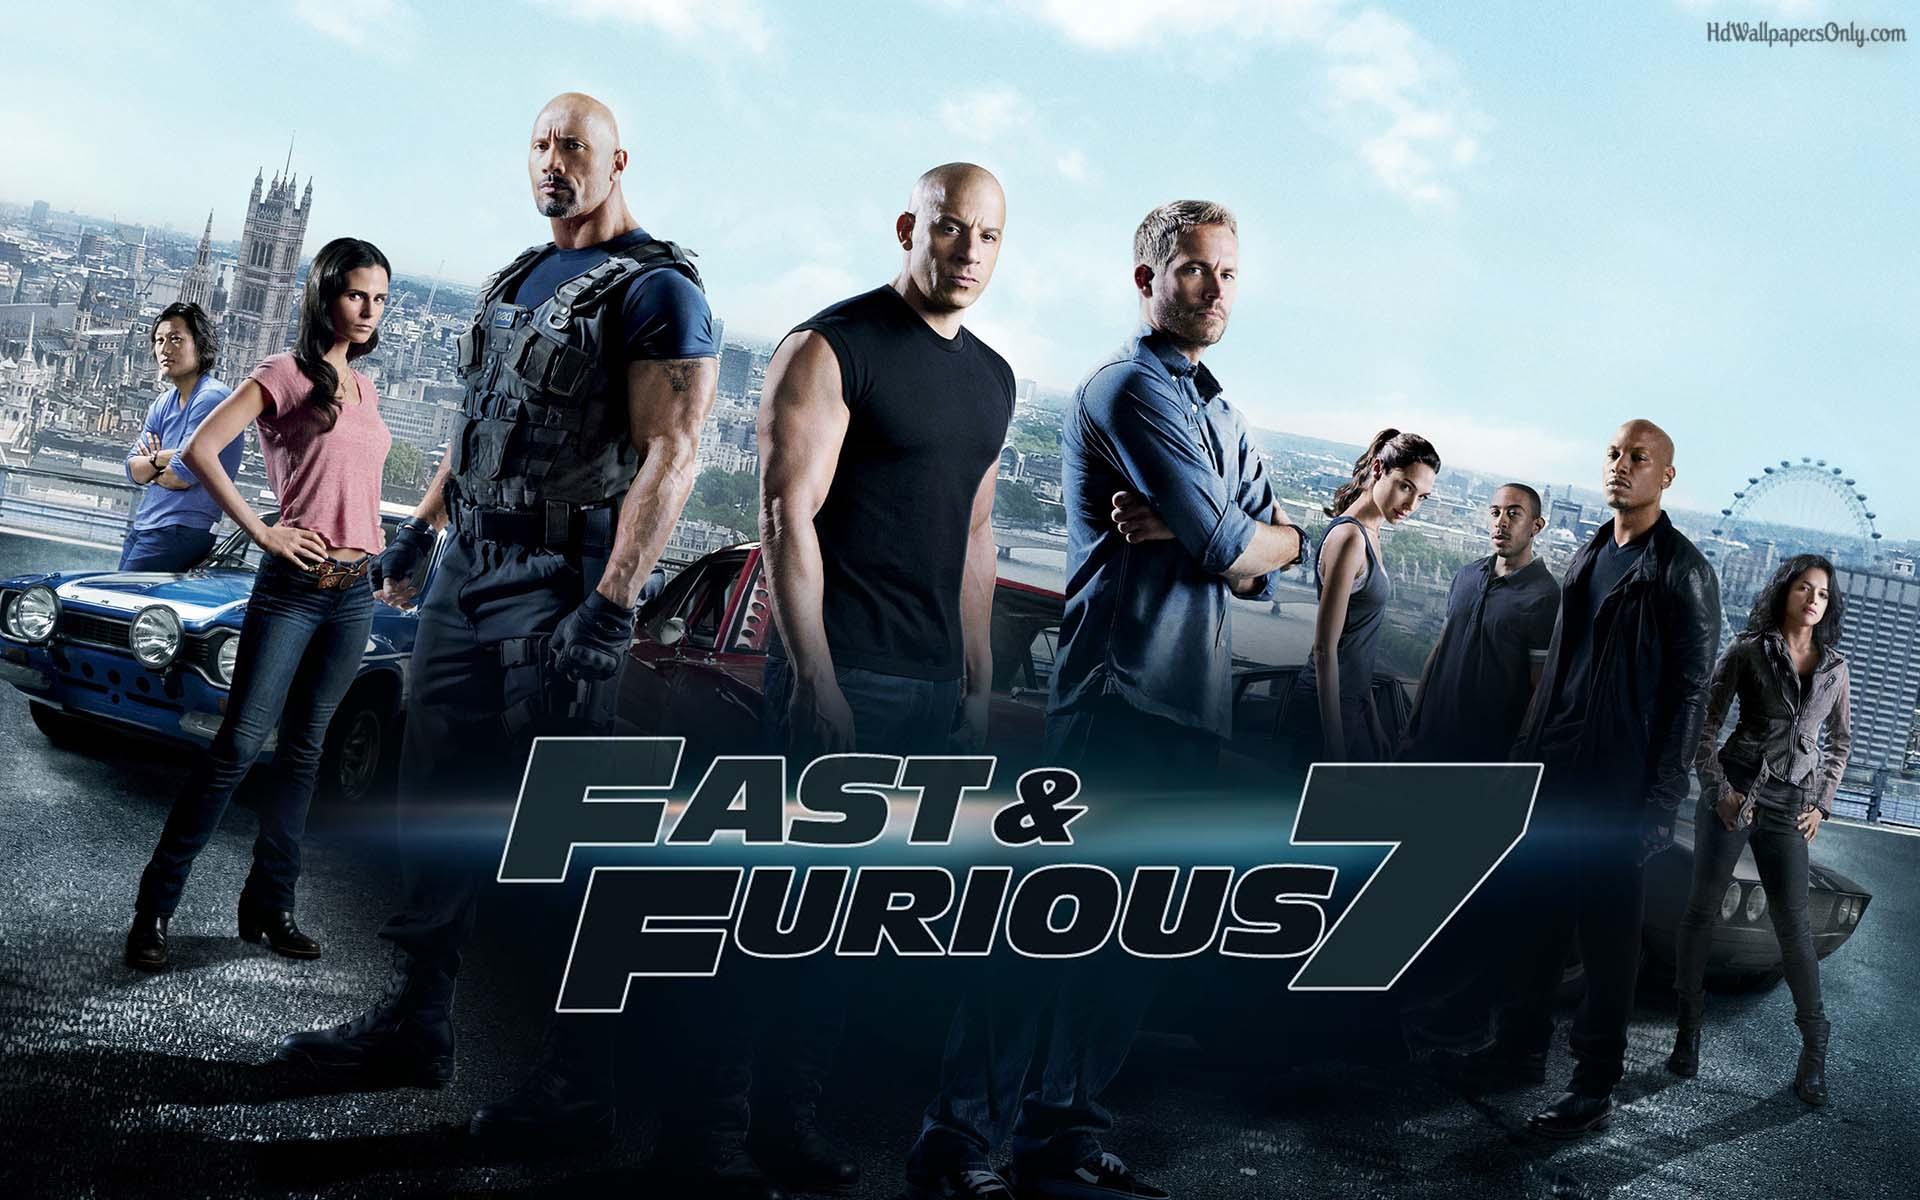 furious 7 english subtitles free download